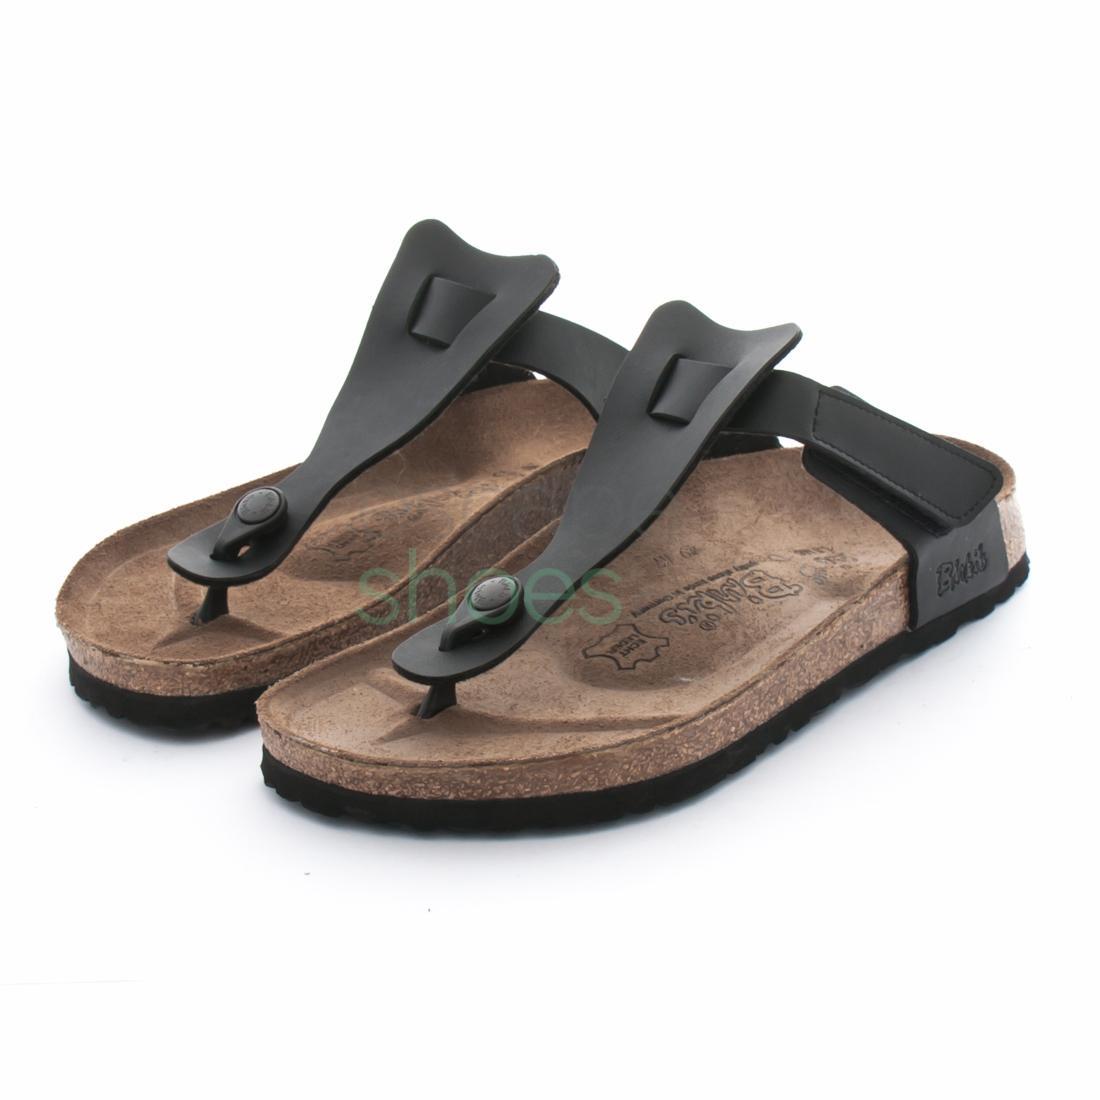 4e34614c510 Buy your Sandals BIRKENSTOCK Birkis 102041 Tofino Black here ...